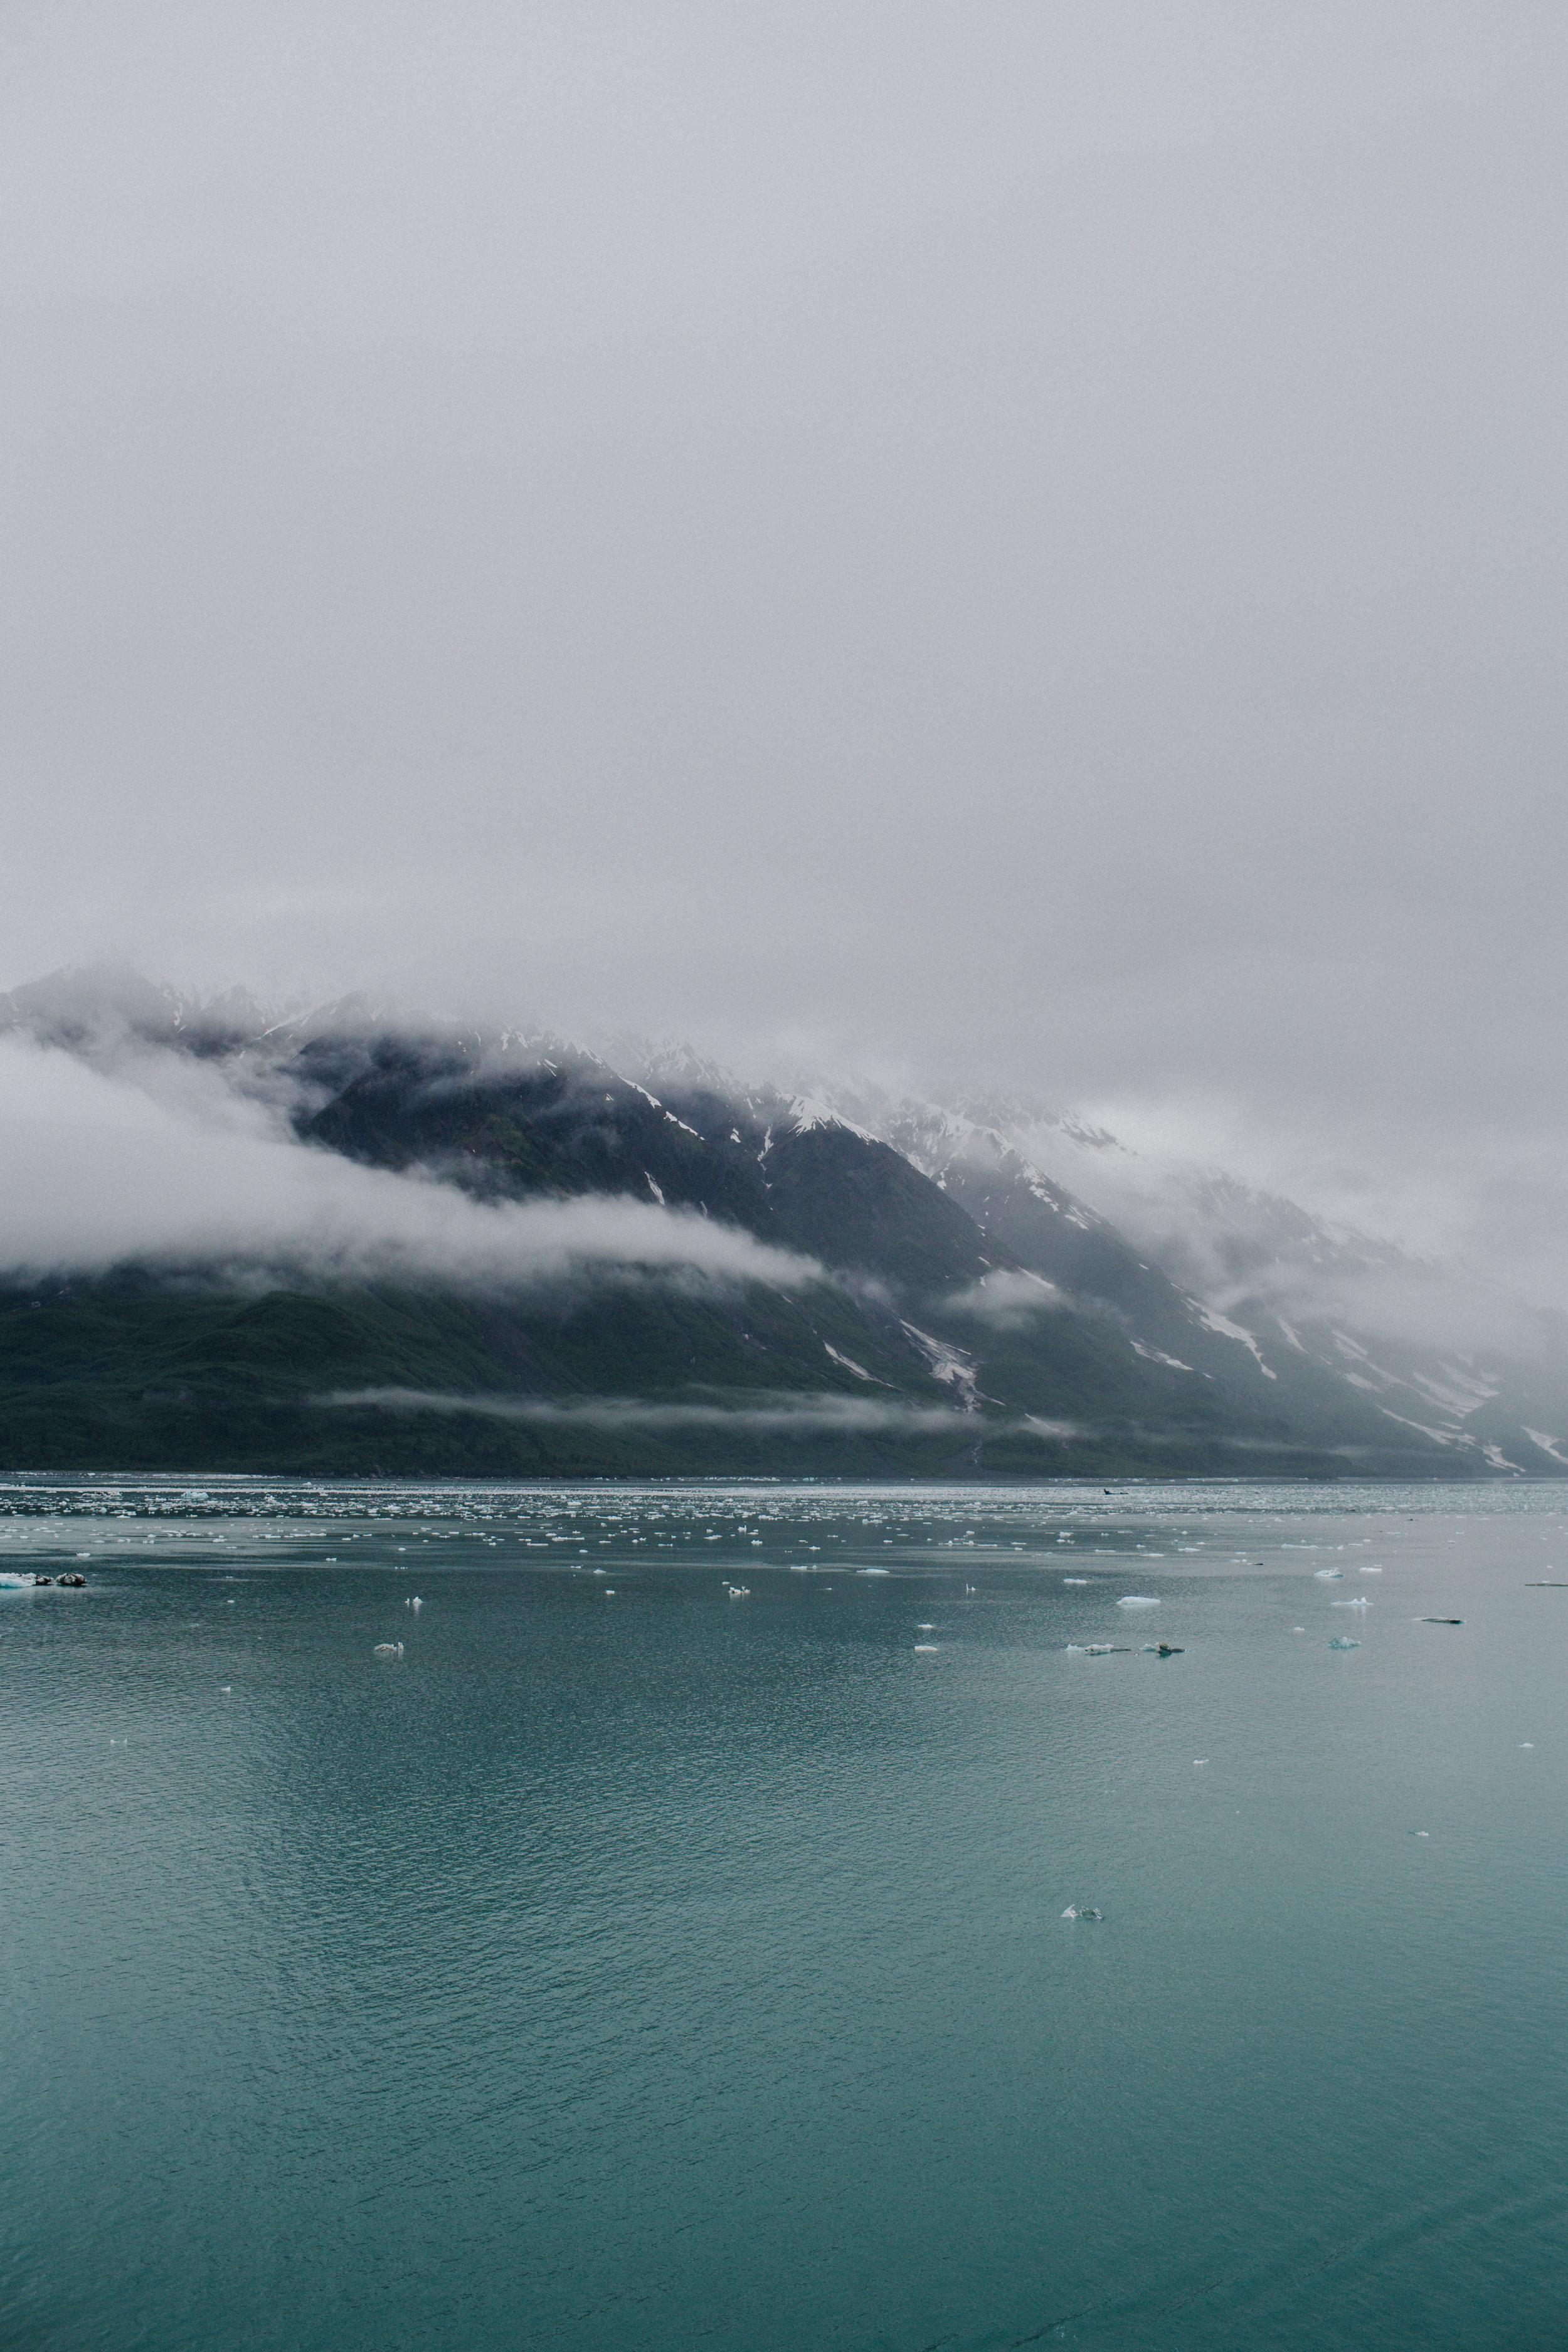 GlacierBayAlaska2_TR2018 (18 of 18).jpg